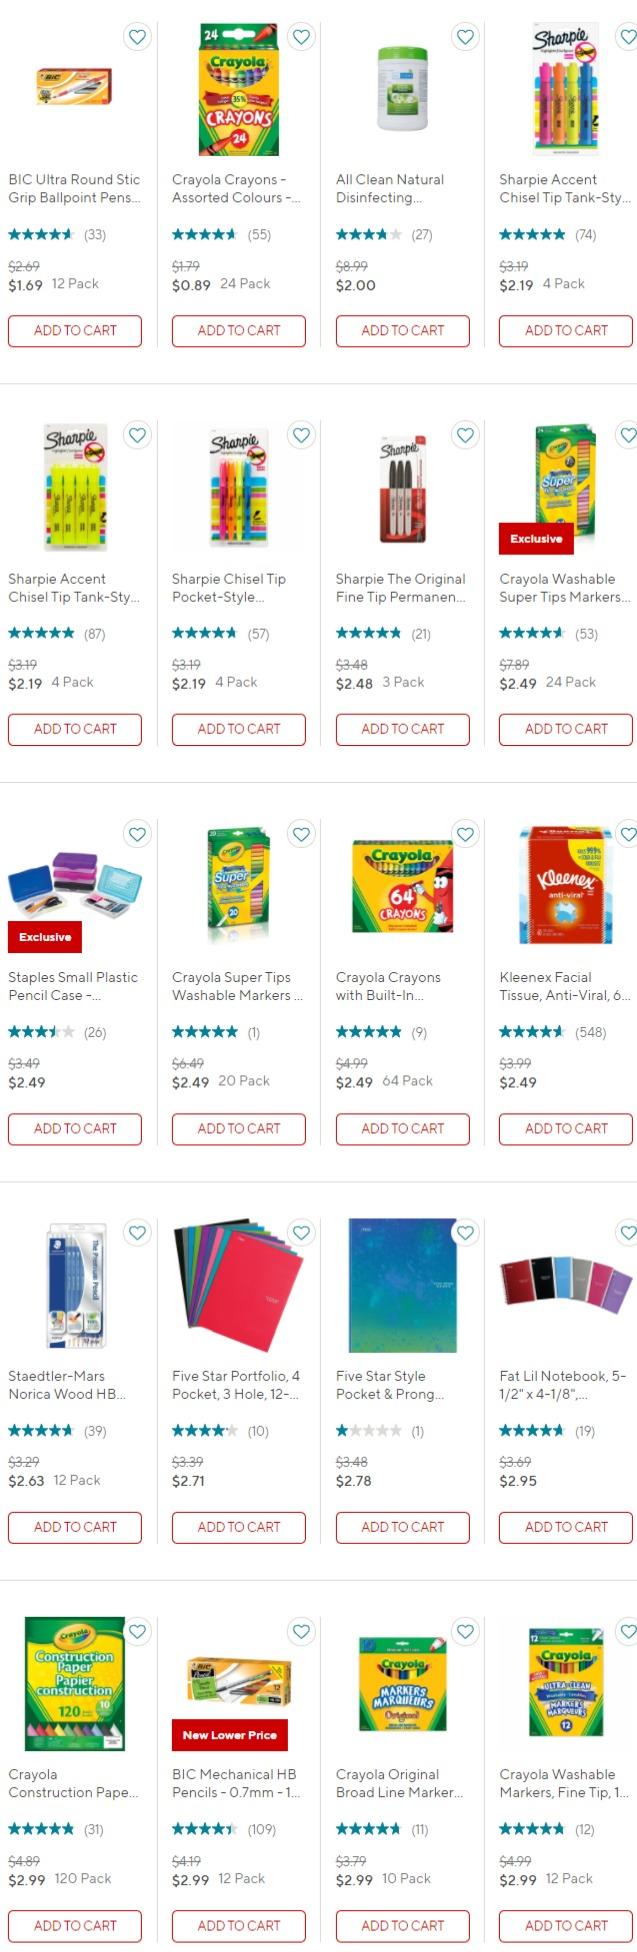 上新+折扣升级!Staples精选办公用品、学习文具及电子产品等1.1折起+满减10加元,低至0.1加元+无门槛包邮!